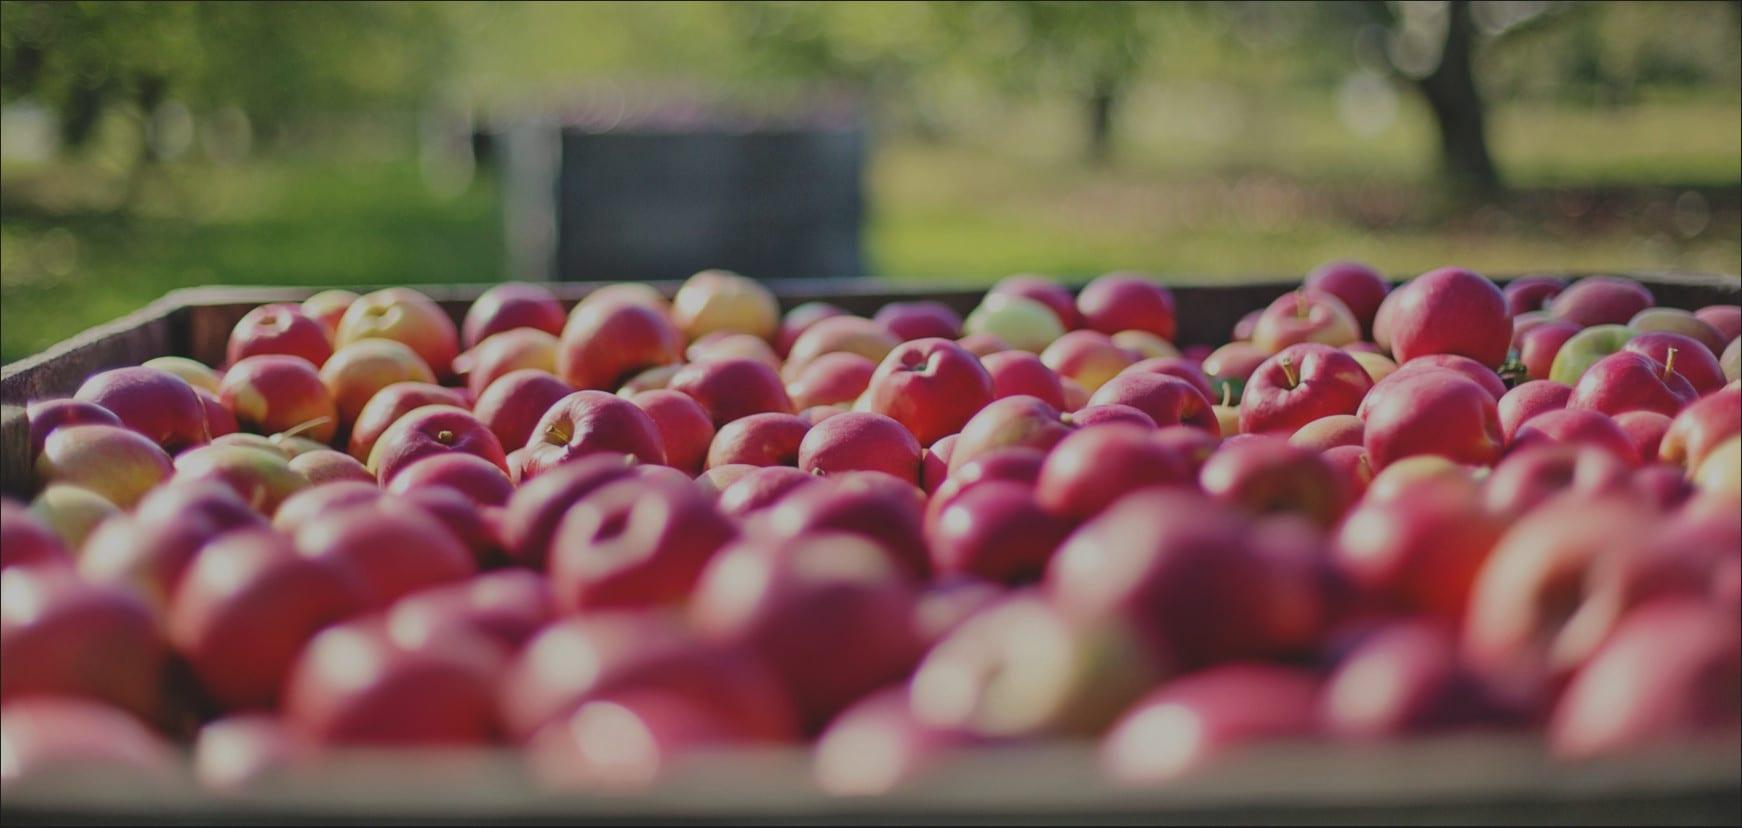 Äpfel in Großkiste